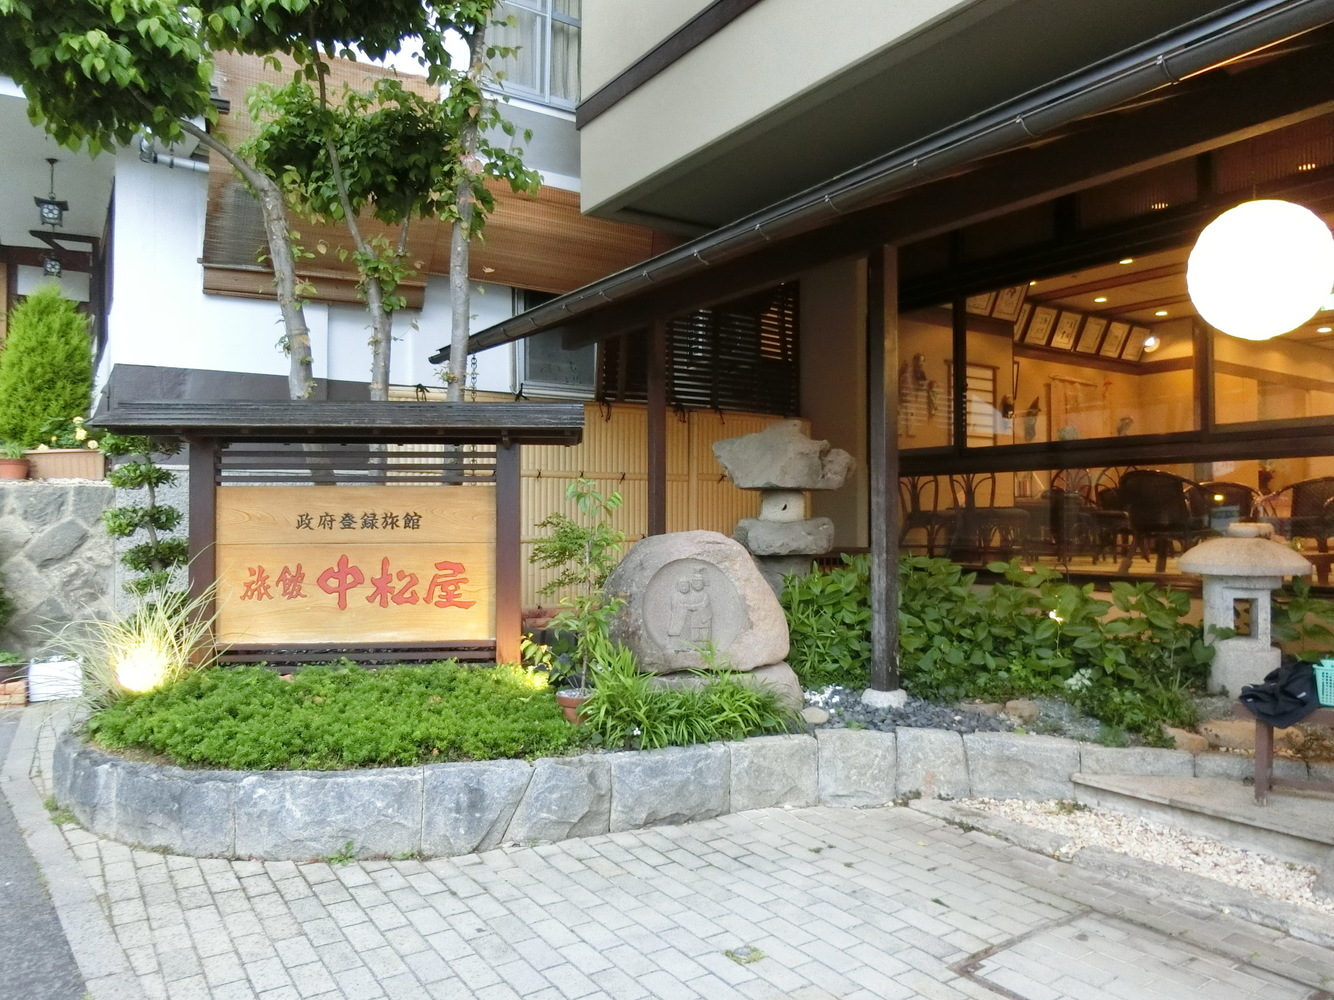 中松屋旅館 name=